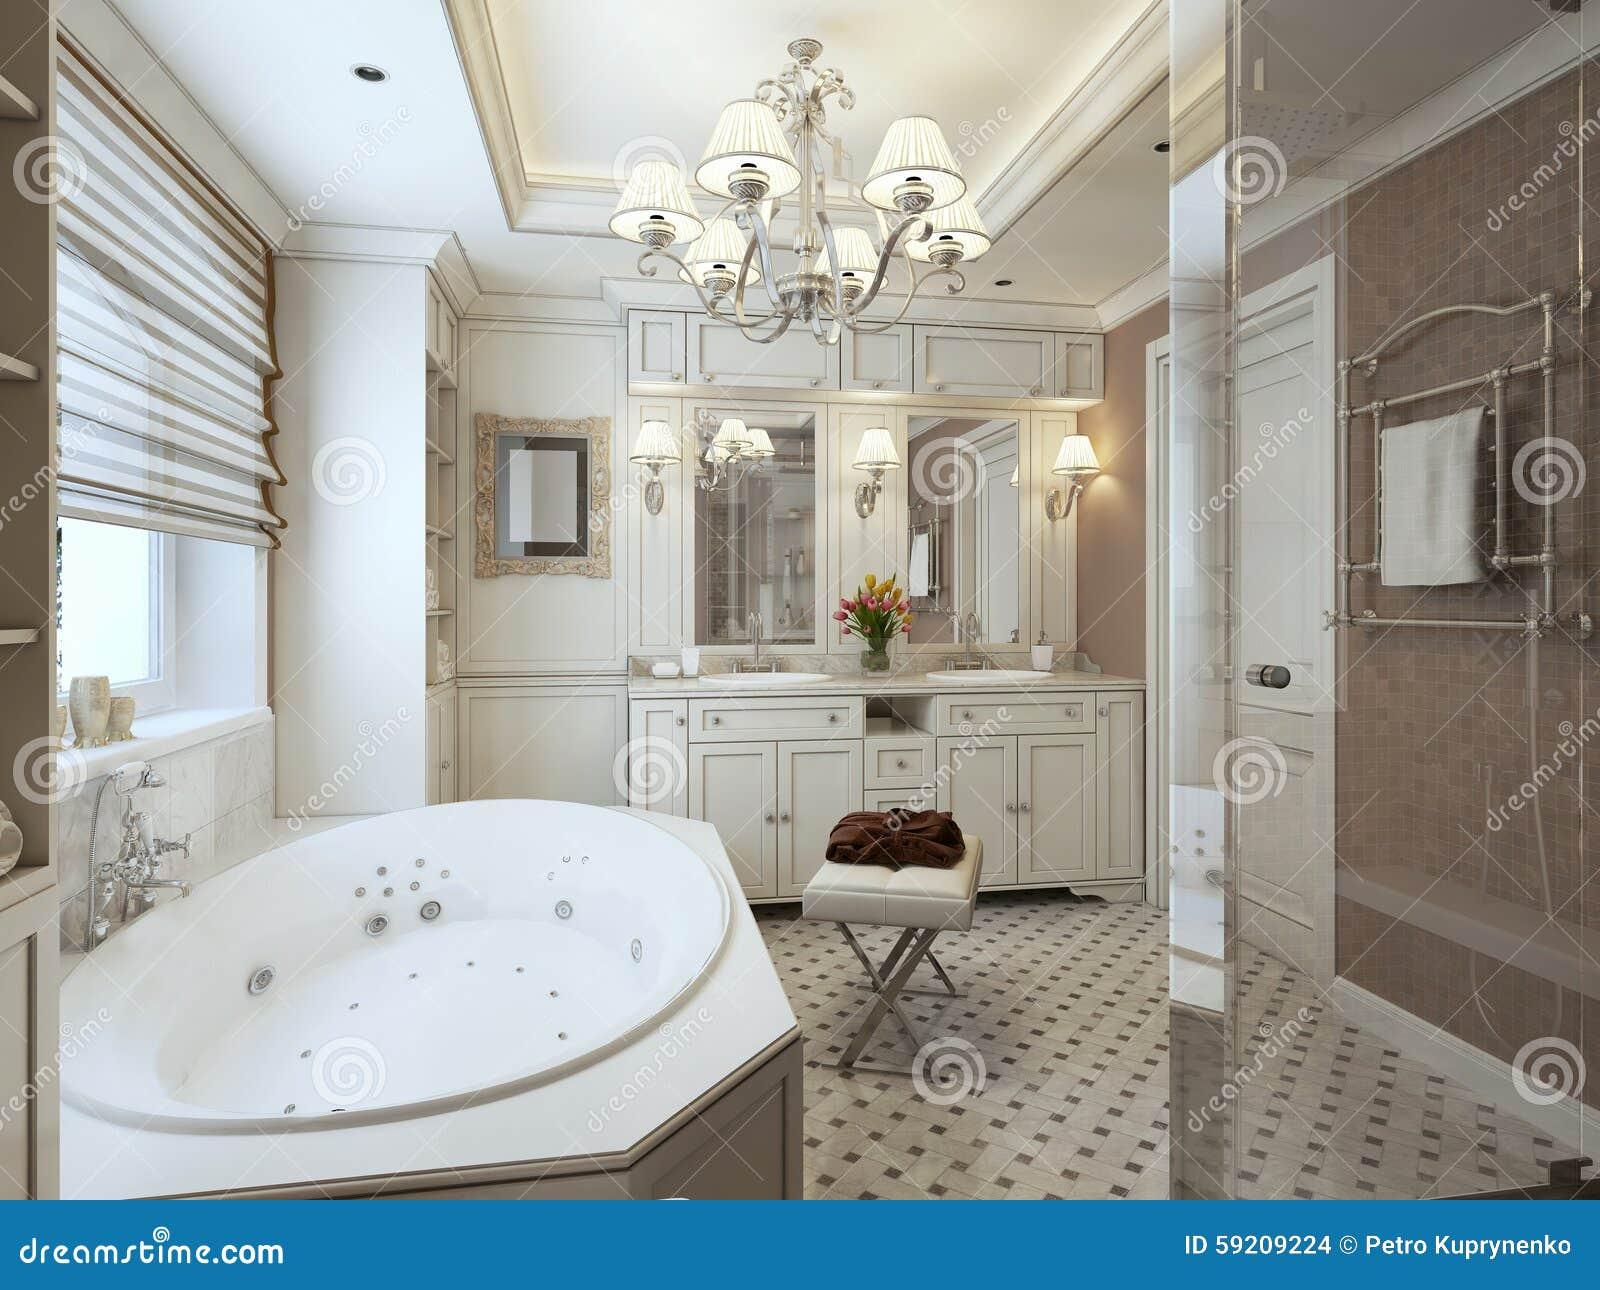 Salle de bains classique photo stock. Image du baignoires - 59209224